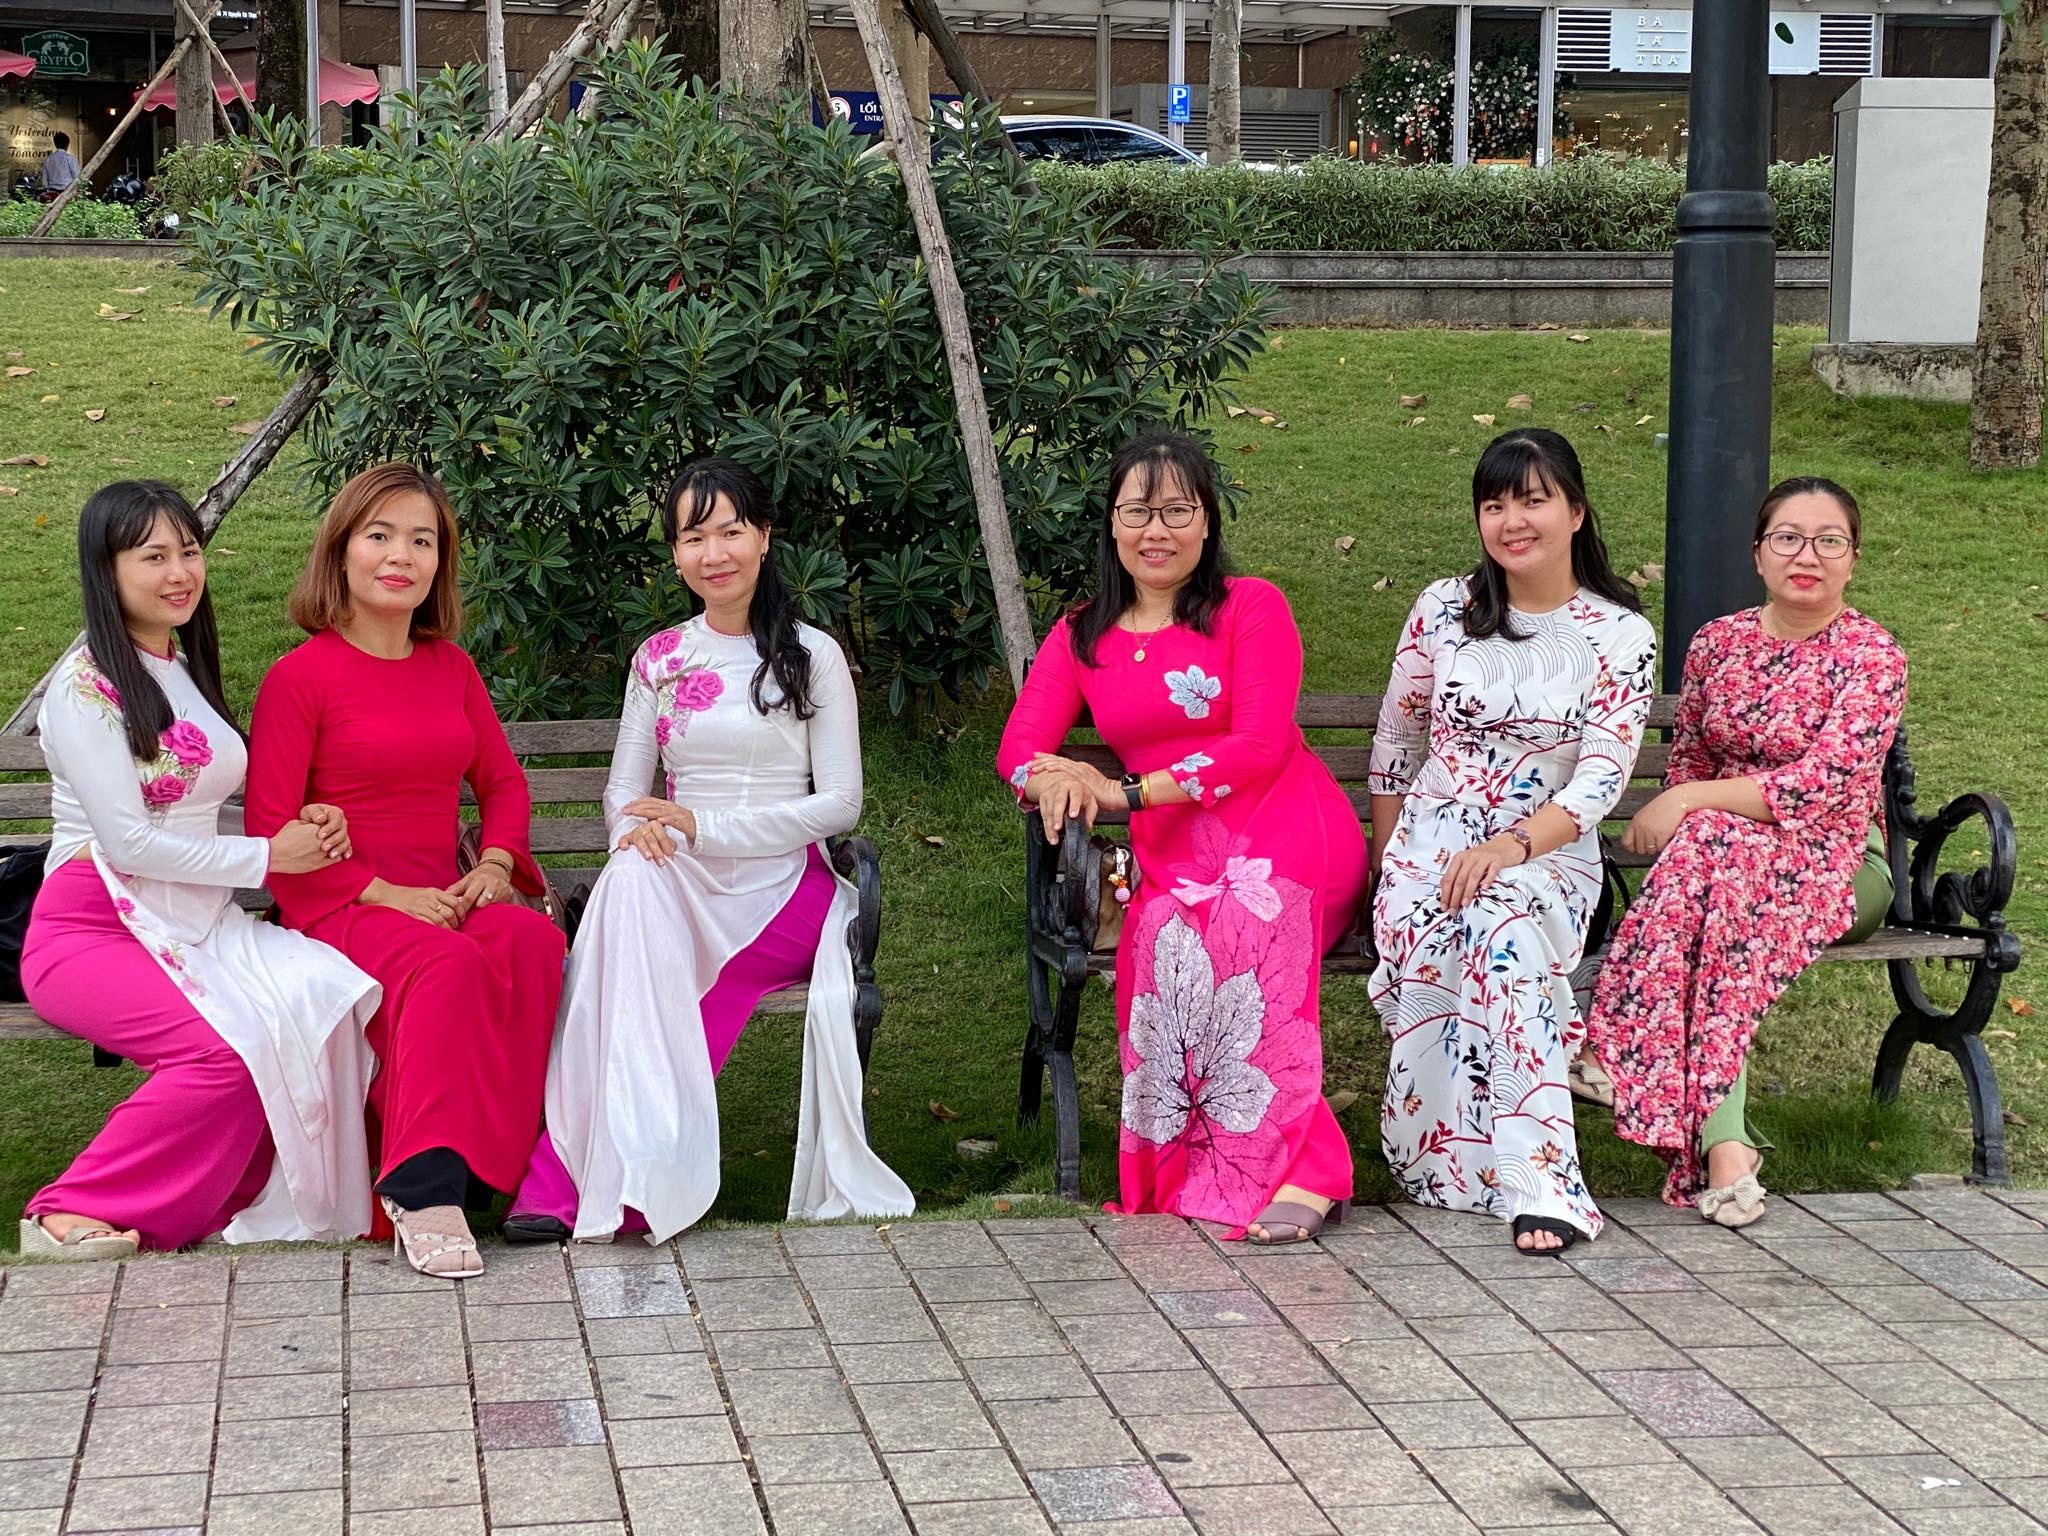 Áo dài được chị em ở quận 2 chọn làm trang phục chủ đạo khi du Xuân.